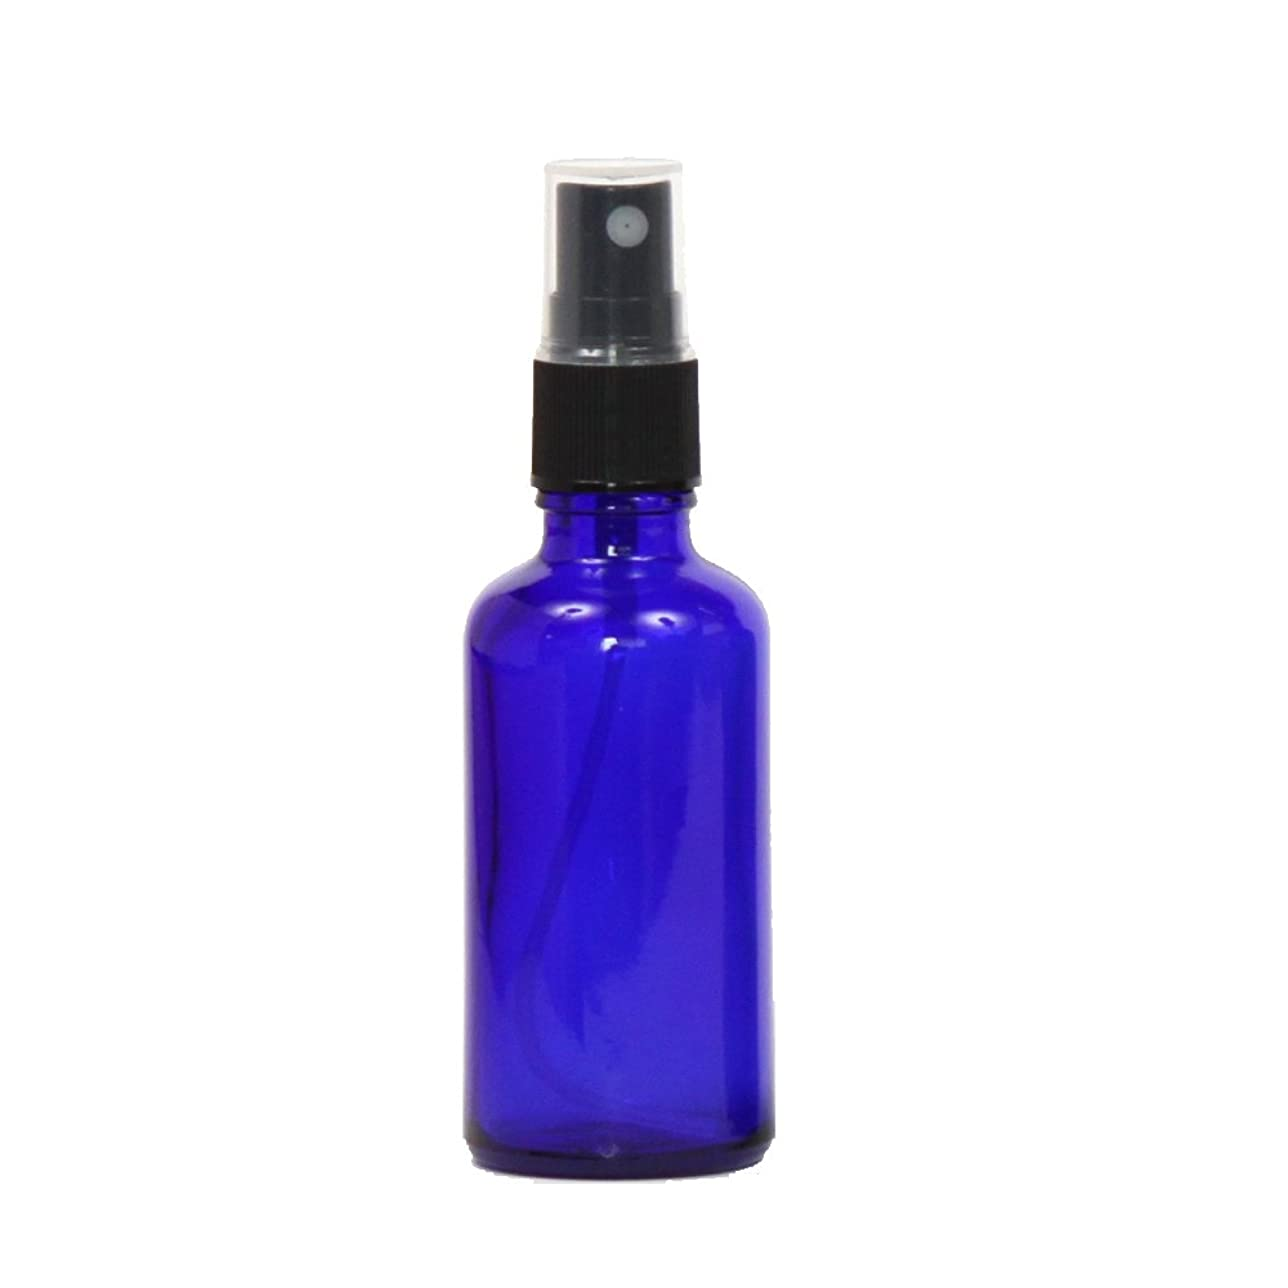 変化そっと夫婦スプレー容器 ガラス瓶ボトル 50mL 遮光性ブルー おしゃれガラスアトマイザー 空容器bu50g